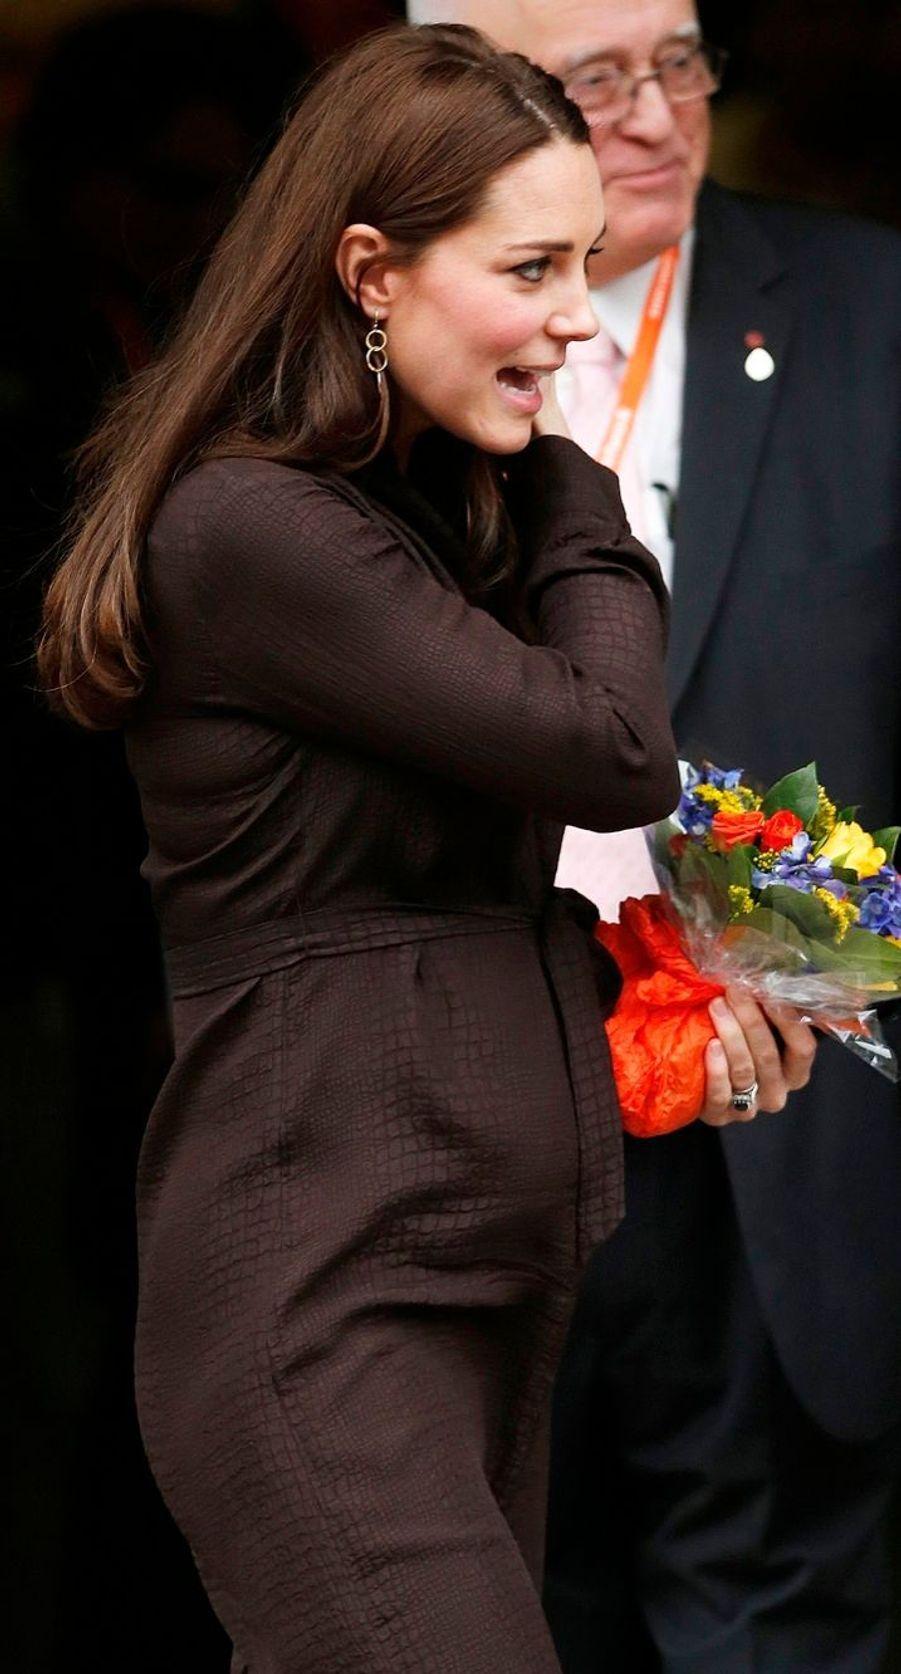 28 La Duchesse De Cambridge, Née Kate Middleton, En Visite Dans Une Association De Familles D'accueil